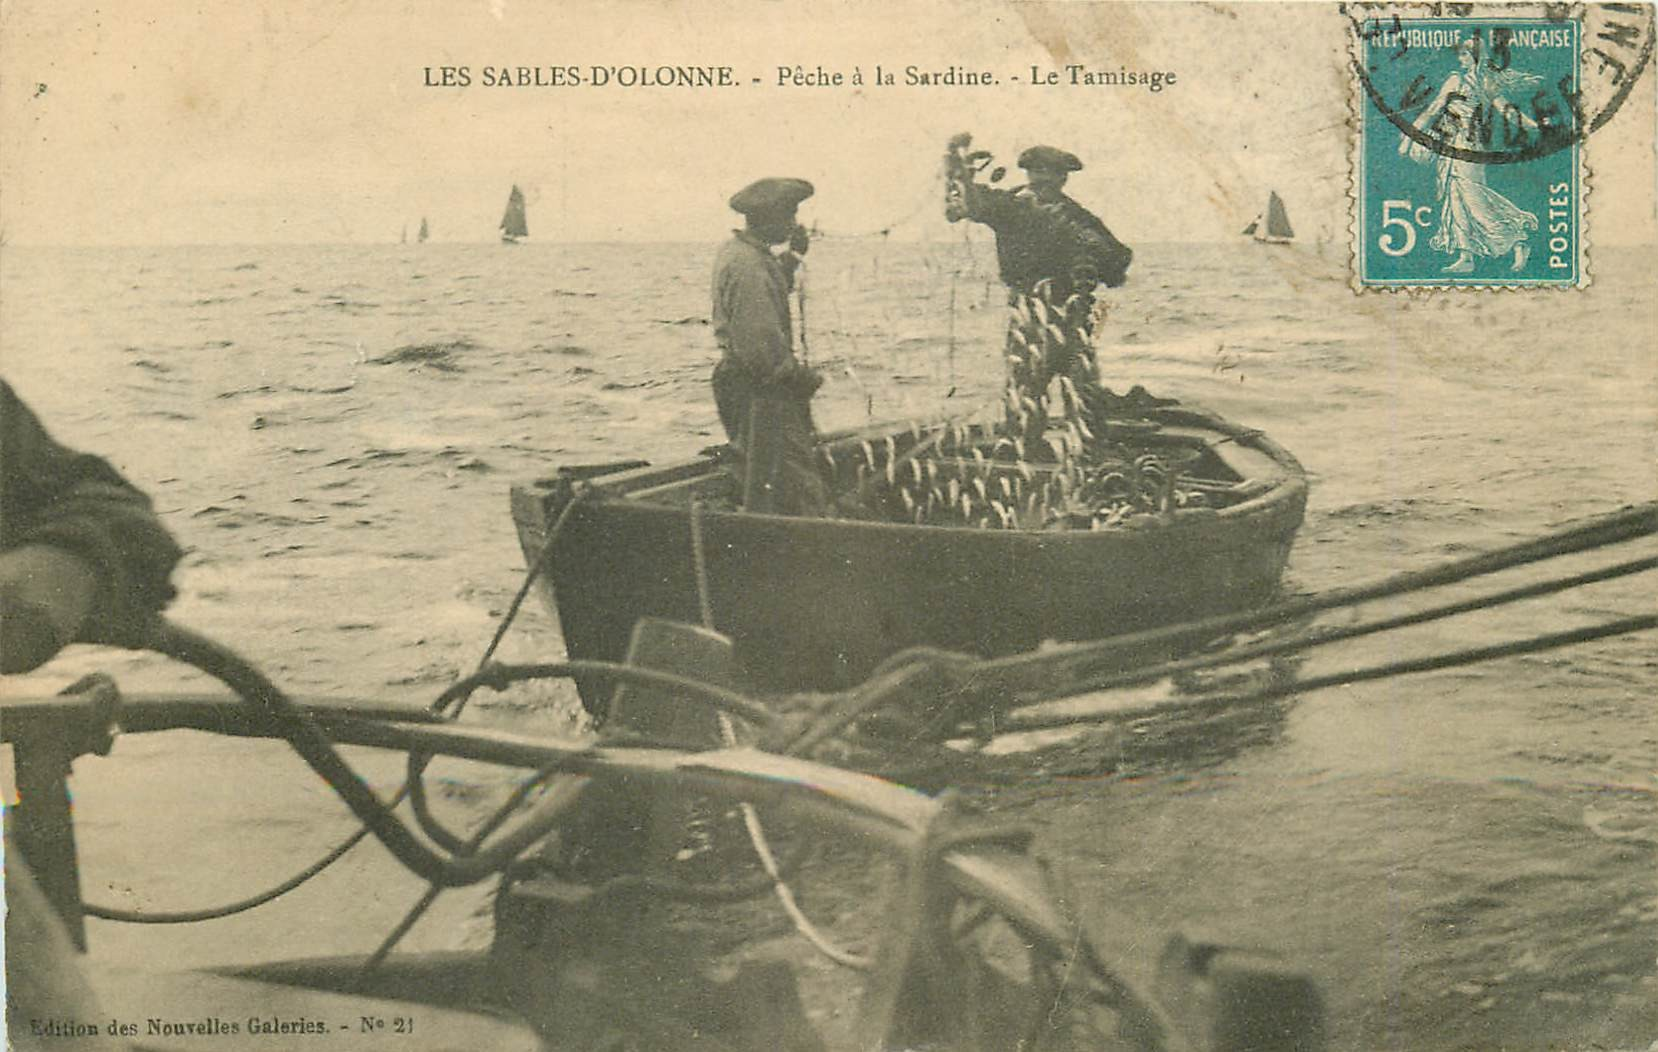 85 LES SABLES D'OLONNE. Pêche à la Sardine le Tamisage 1913